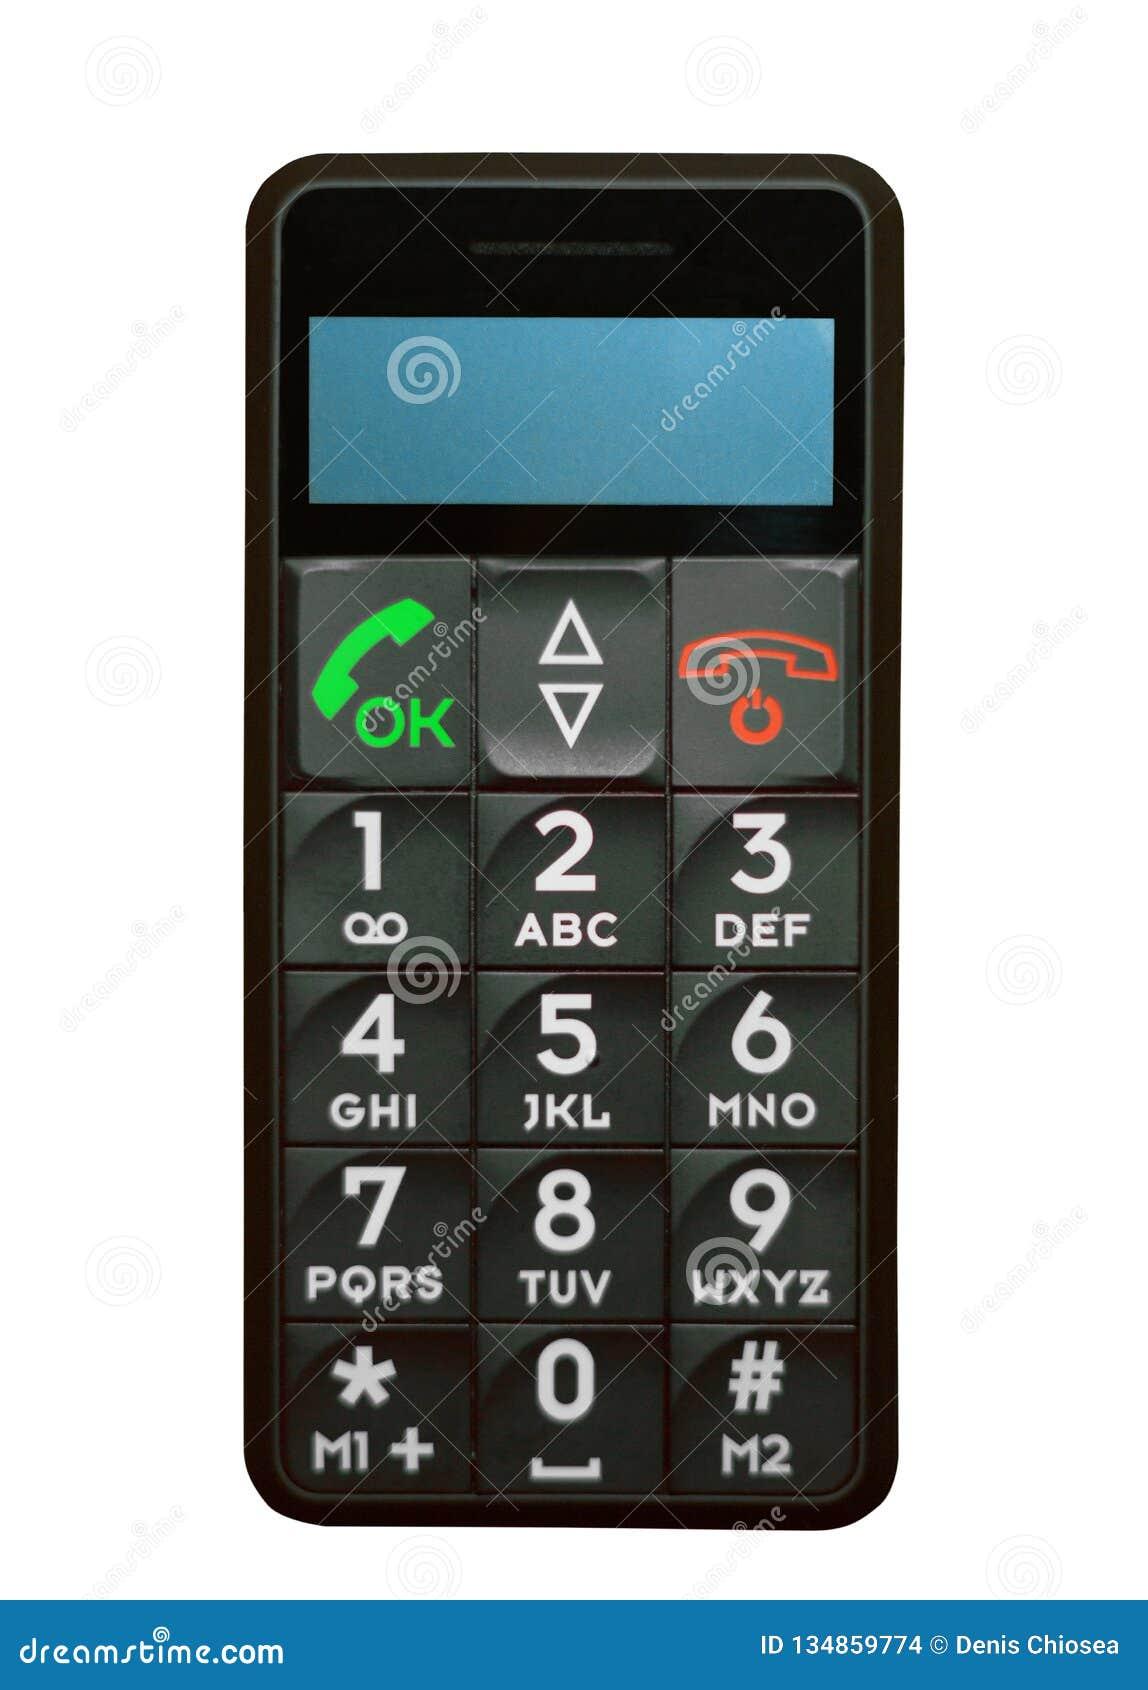 Telefone velho típico com chaves e botões